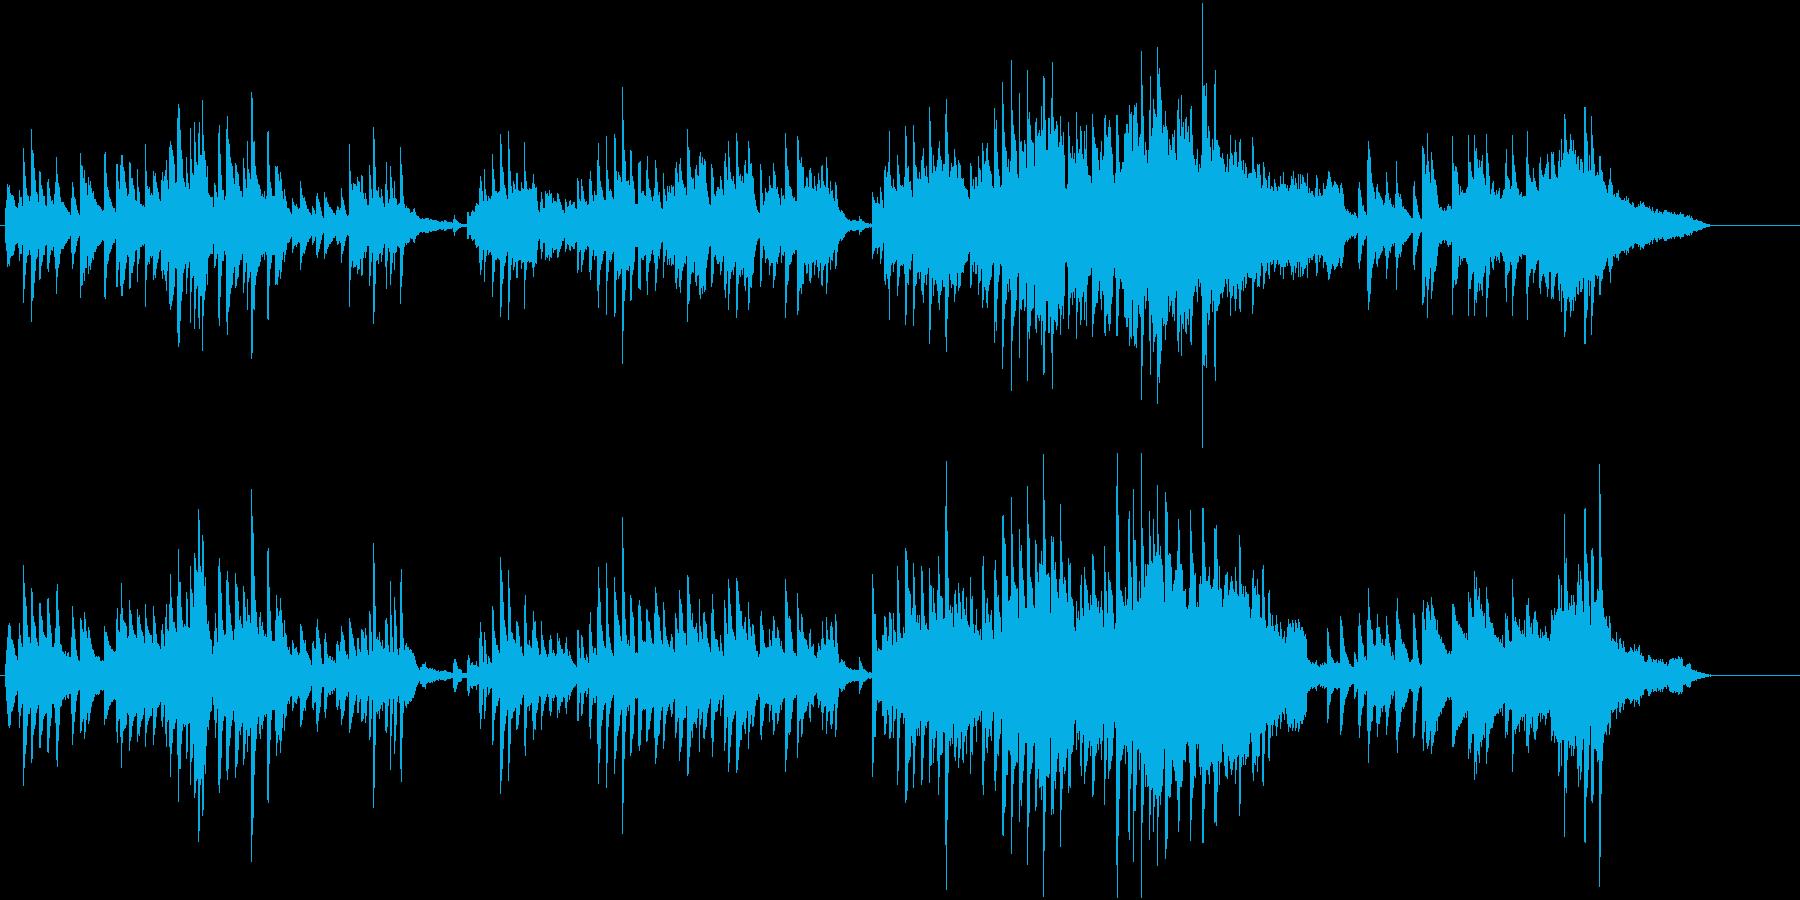 ピアノメインの気だるい曲・CM・挿入曲にの再生済みの波形